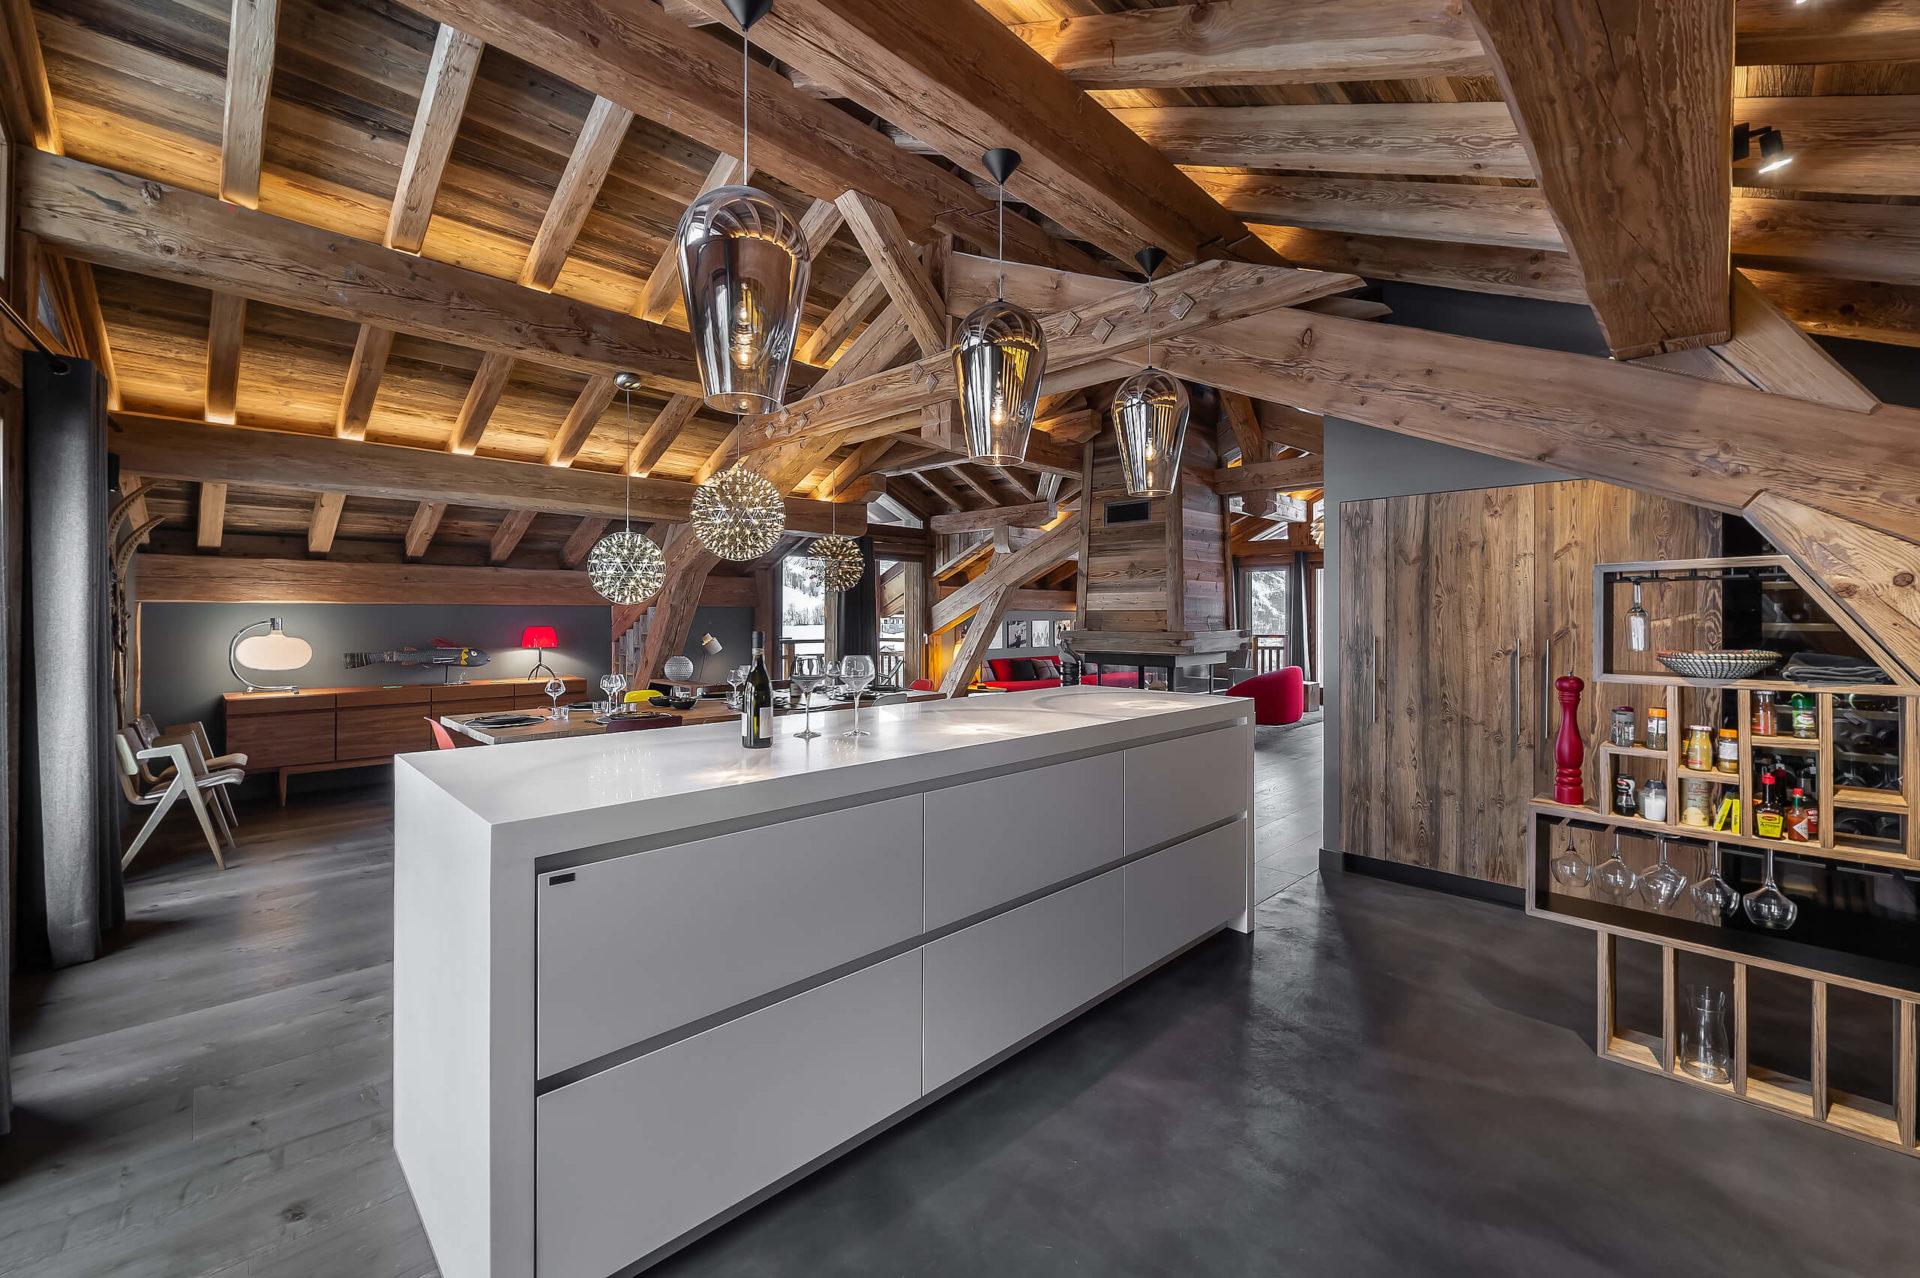 Ferme de 1779 - cuisine 2 / Saint Martin de Belleville, Savoie